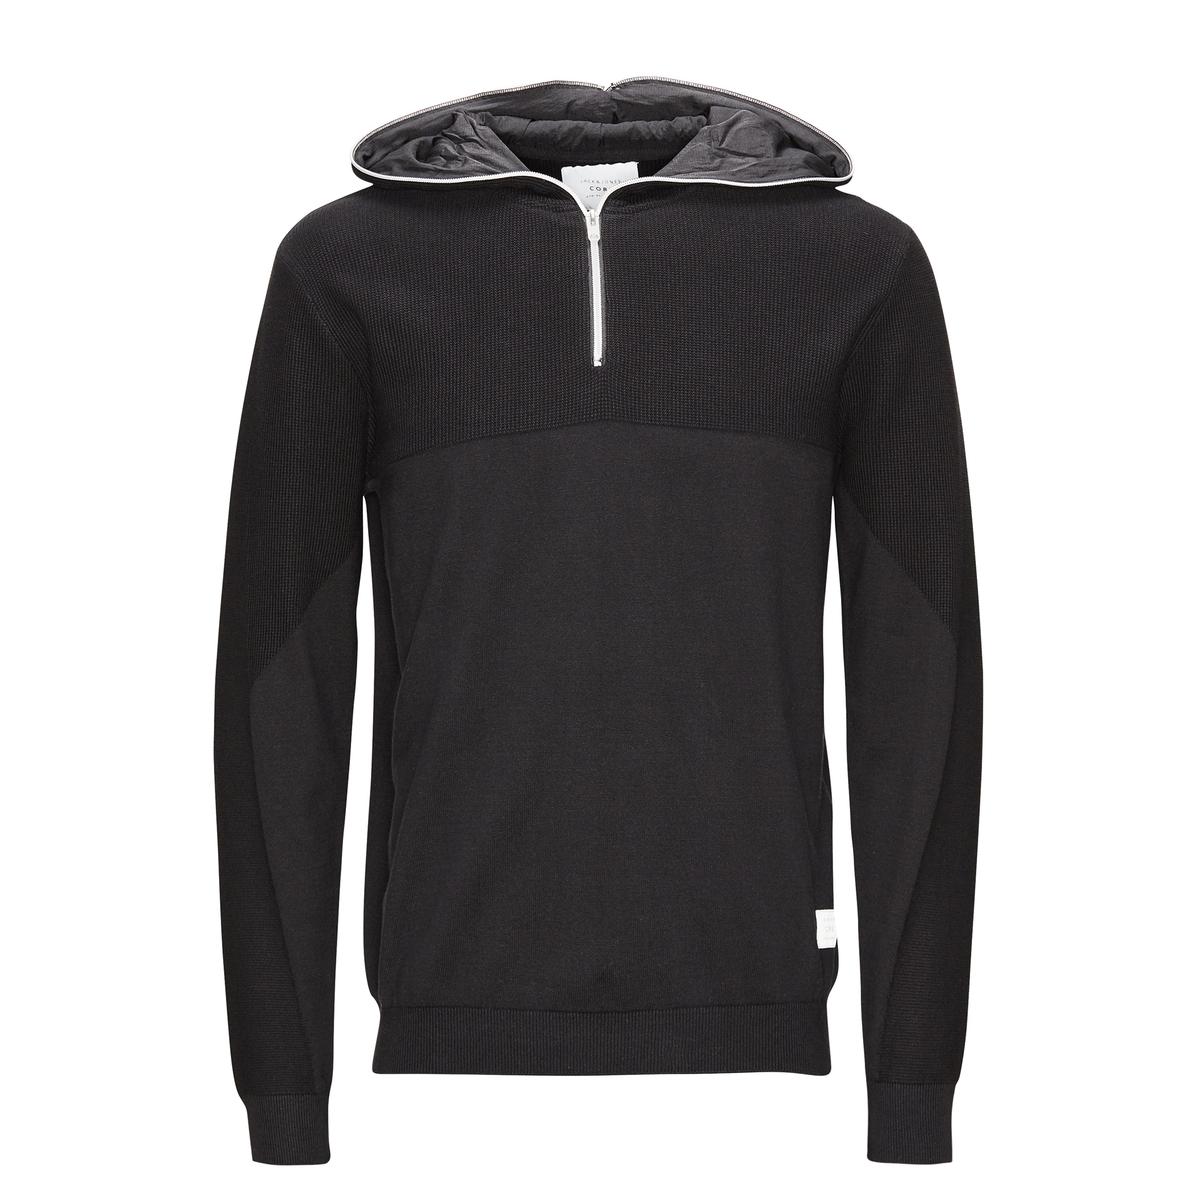 Пуловер с капюшономСостав и описаниеМатериал: 100% хлопок.Марка: JACK &amp; JONES.<br><br>Цвет: черный<br>Размер: L